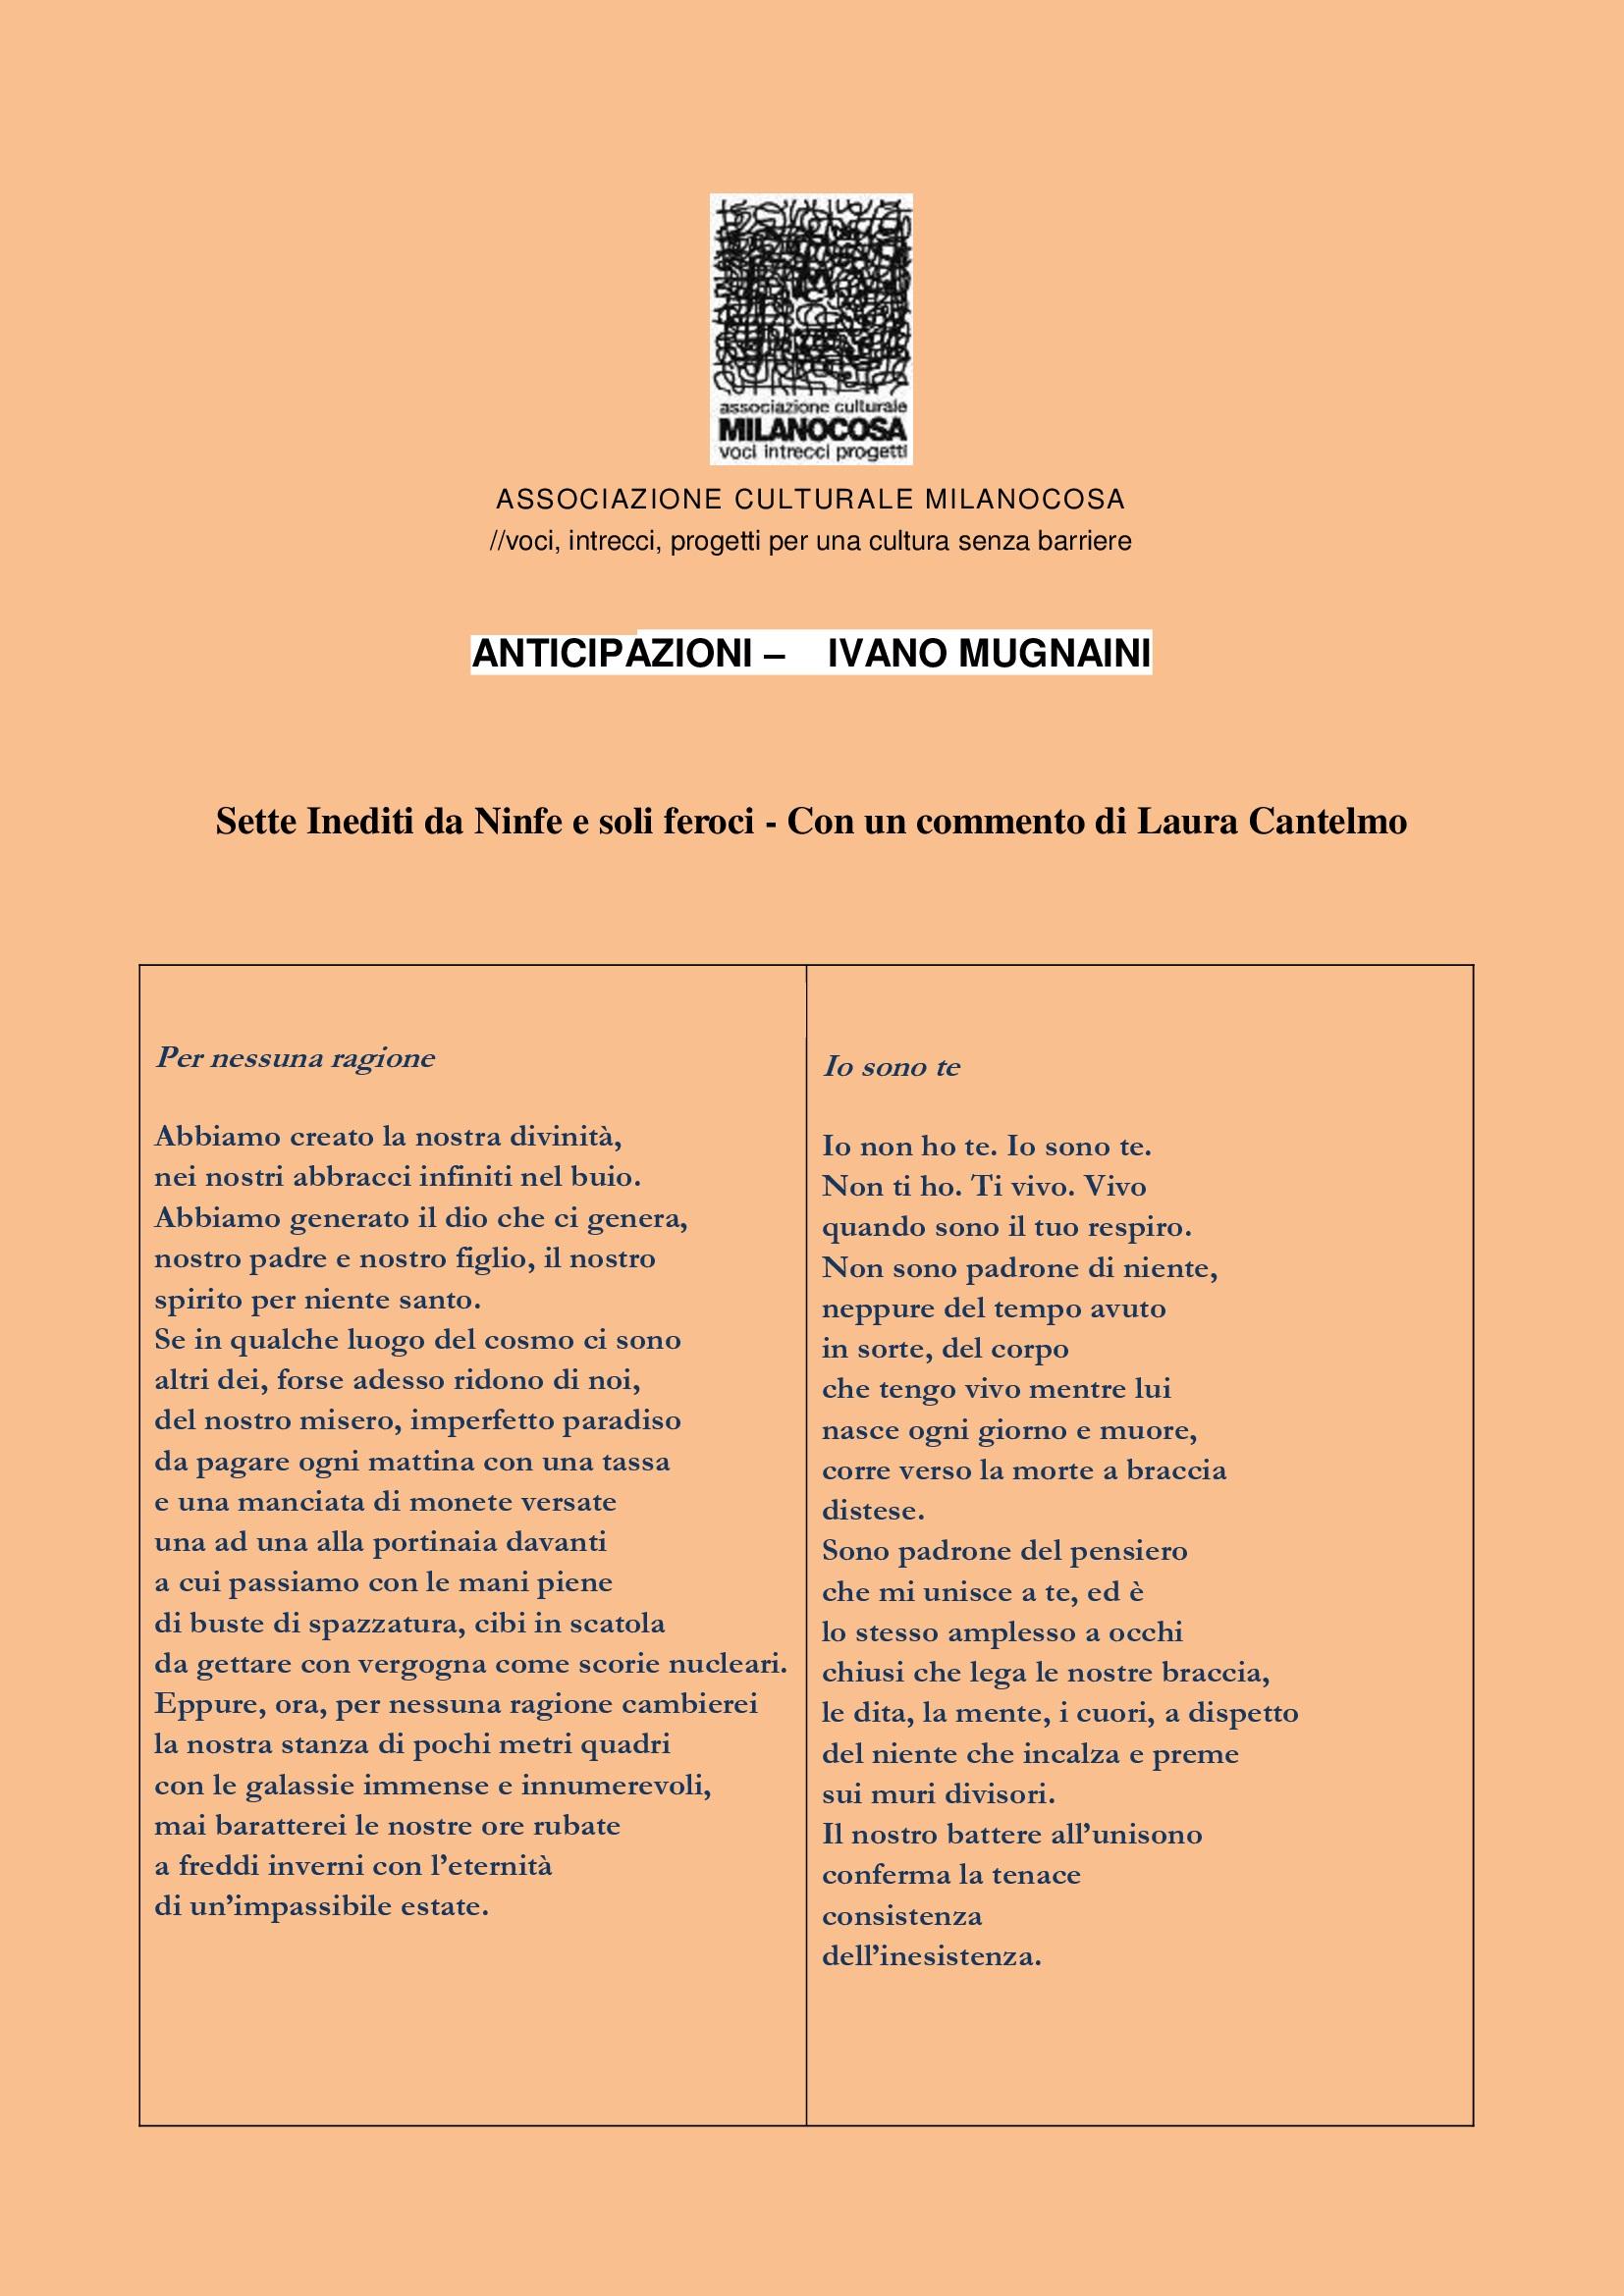 Anticipazioni sito Milanocosa - Ivano Mugnaini